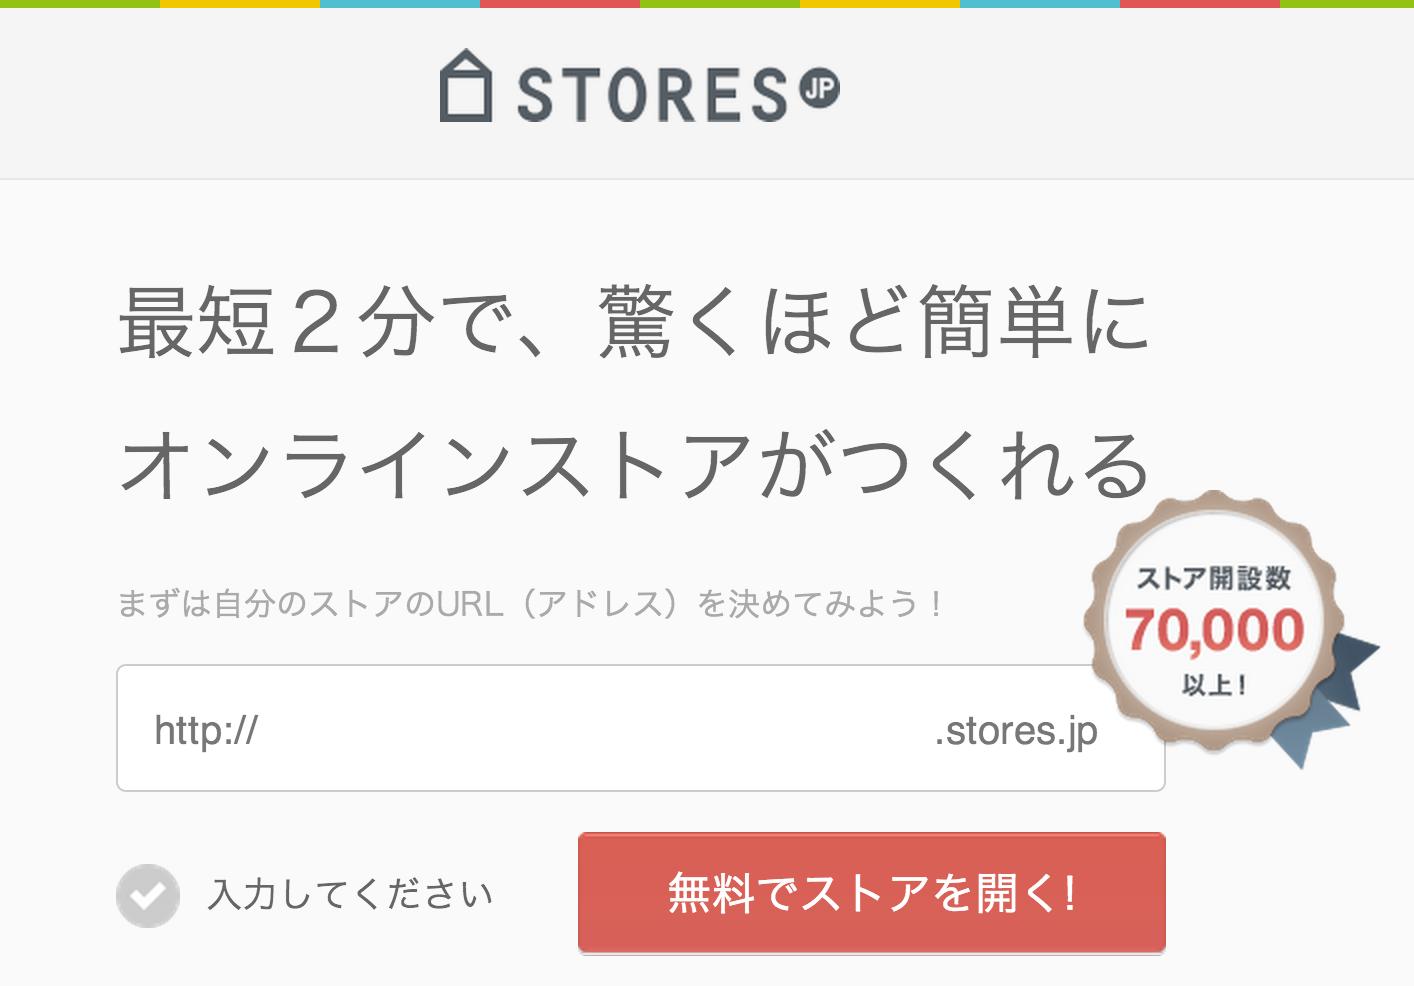 STORES_jp|オンラインストア_ネットショップを2分で無料開業